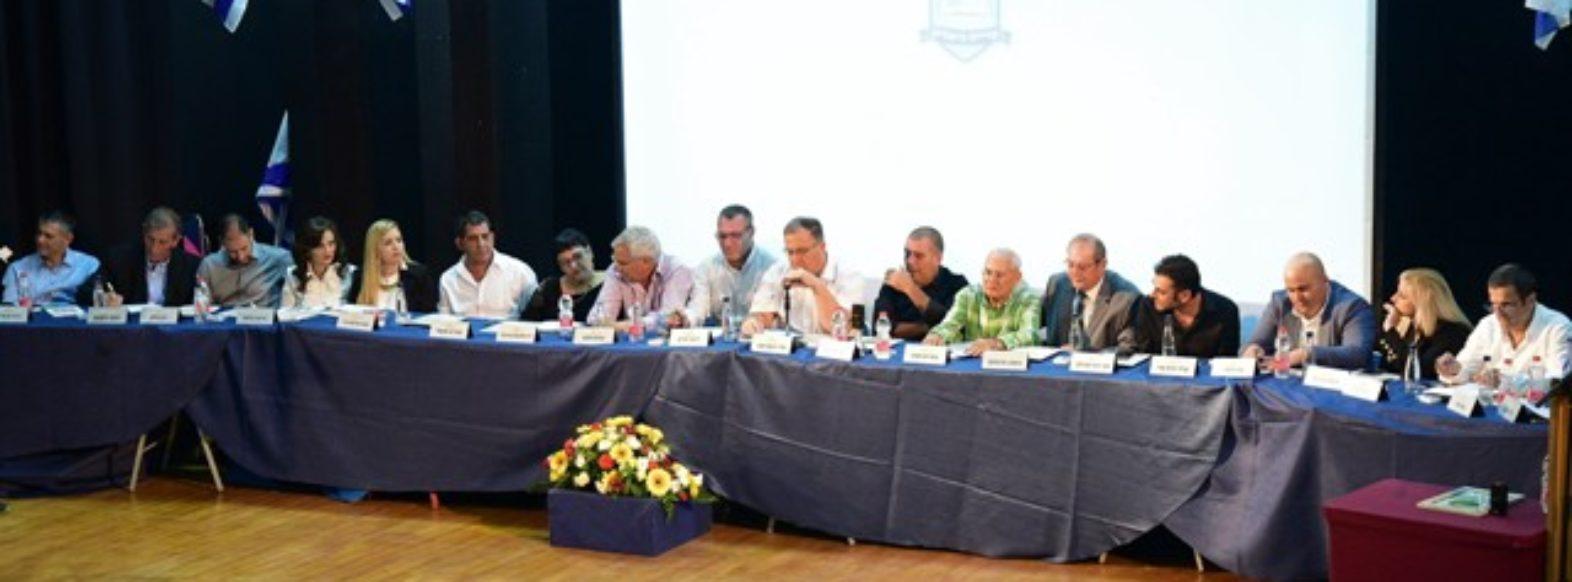 קריית ביאליק: ישיבת מועצת העיר החדשה התכנסה לראשונה